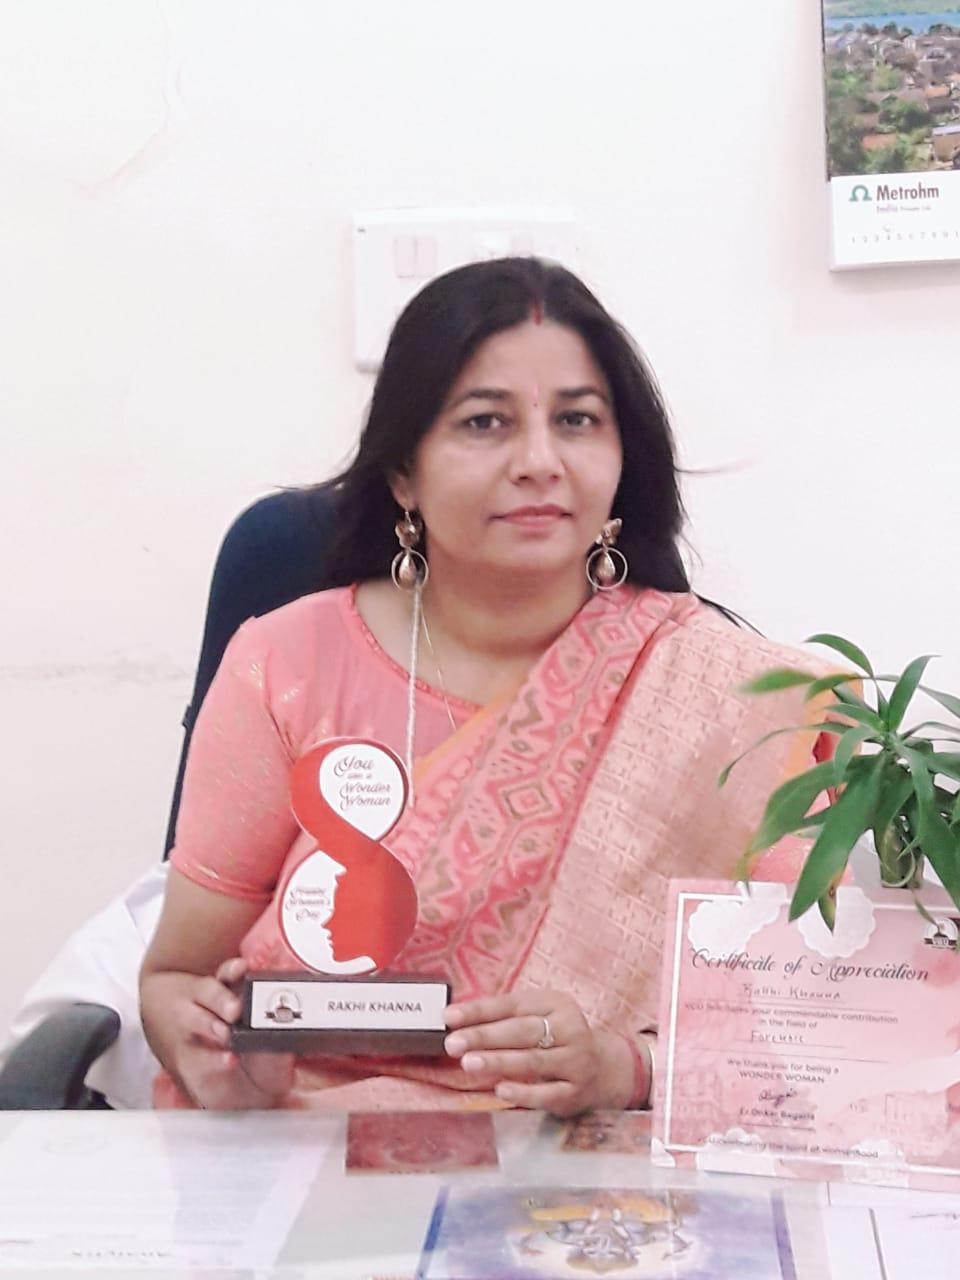 Dr. Rakhi Khanna